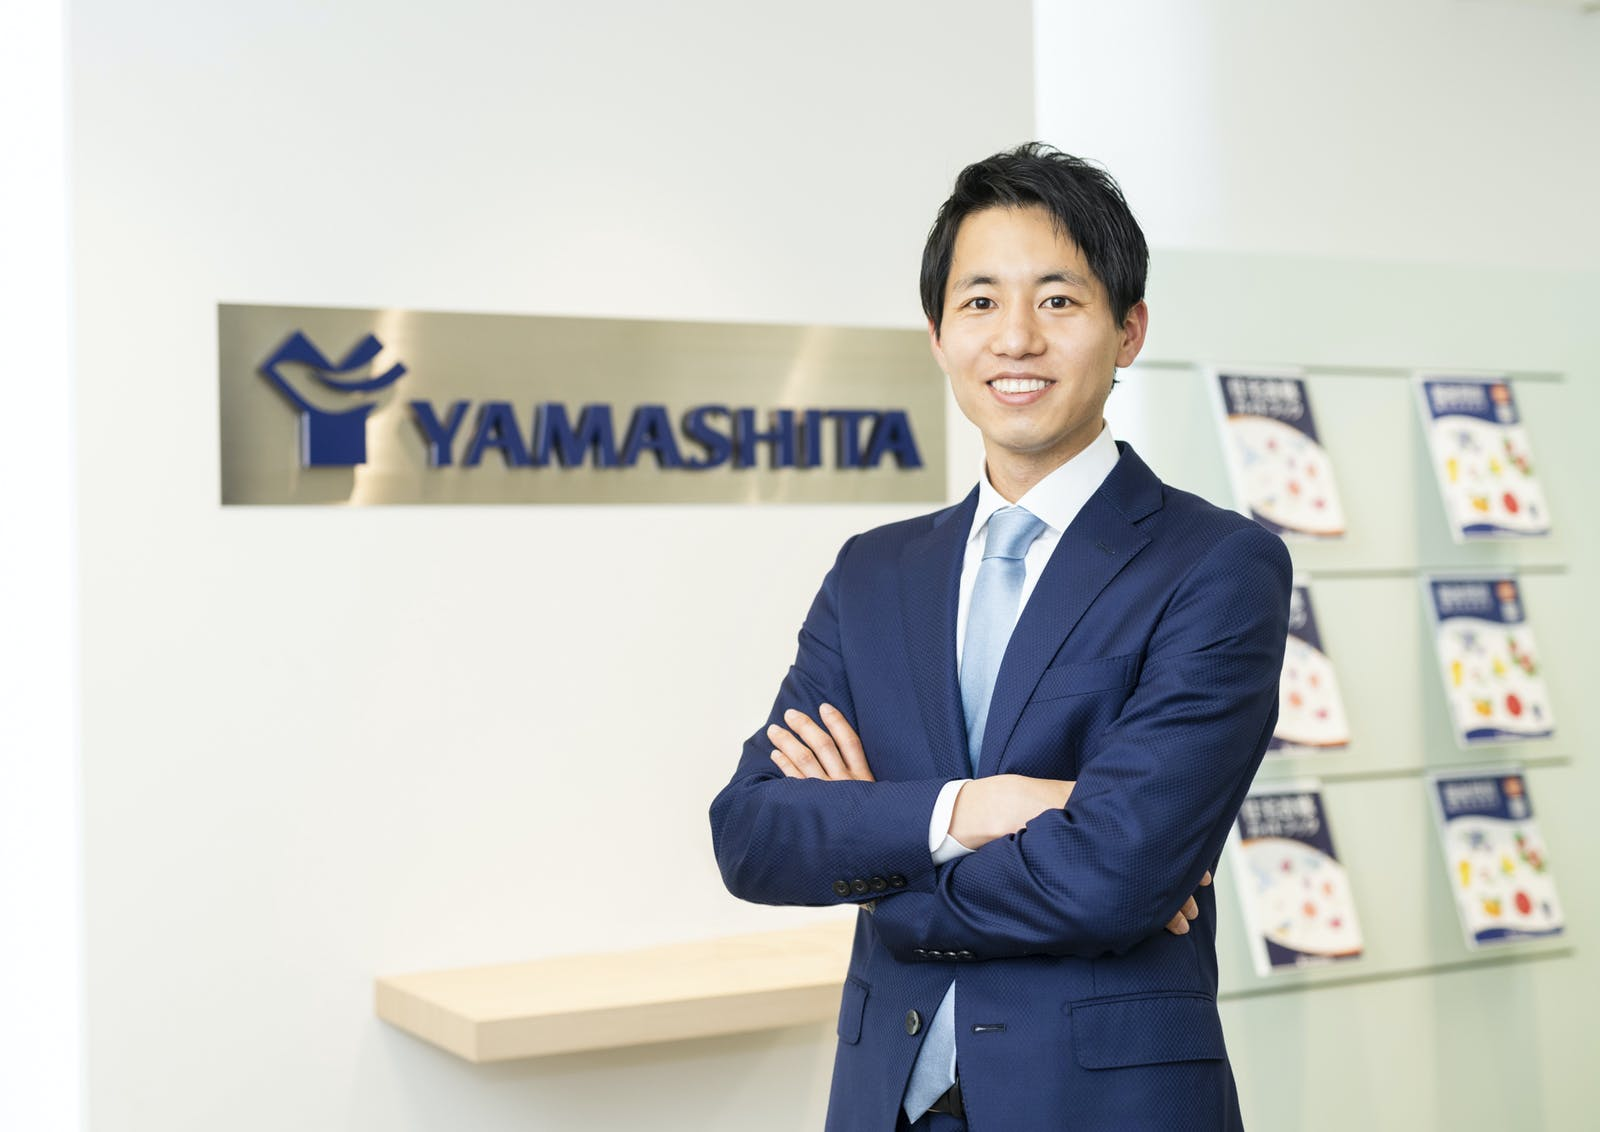 株式会社ヤマシタのアイキャッチ画像